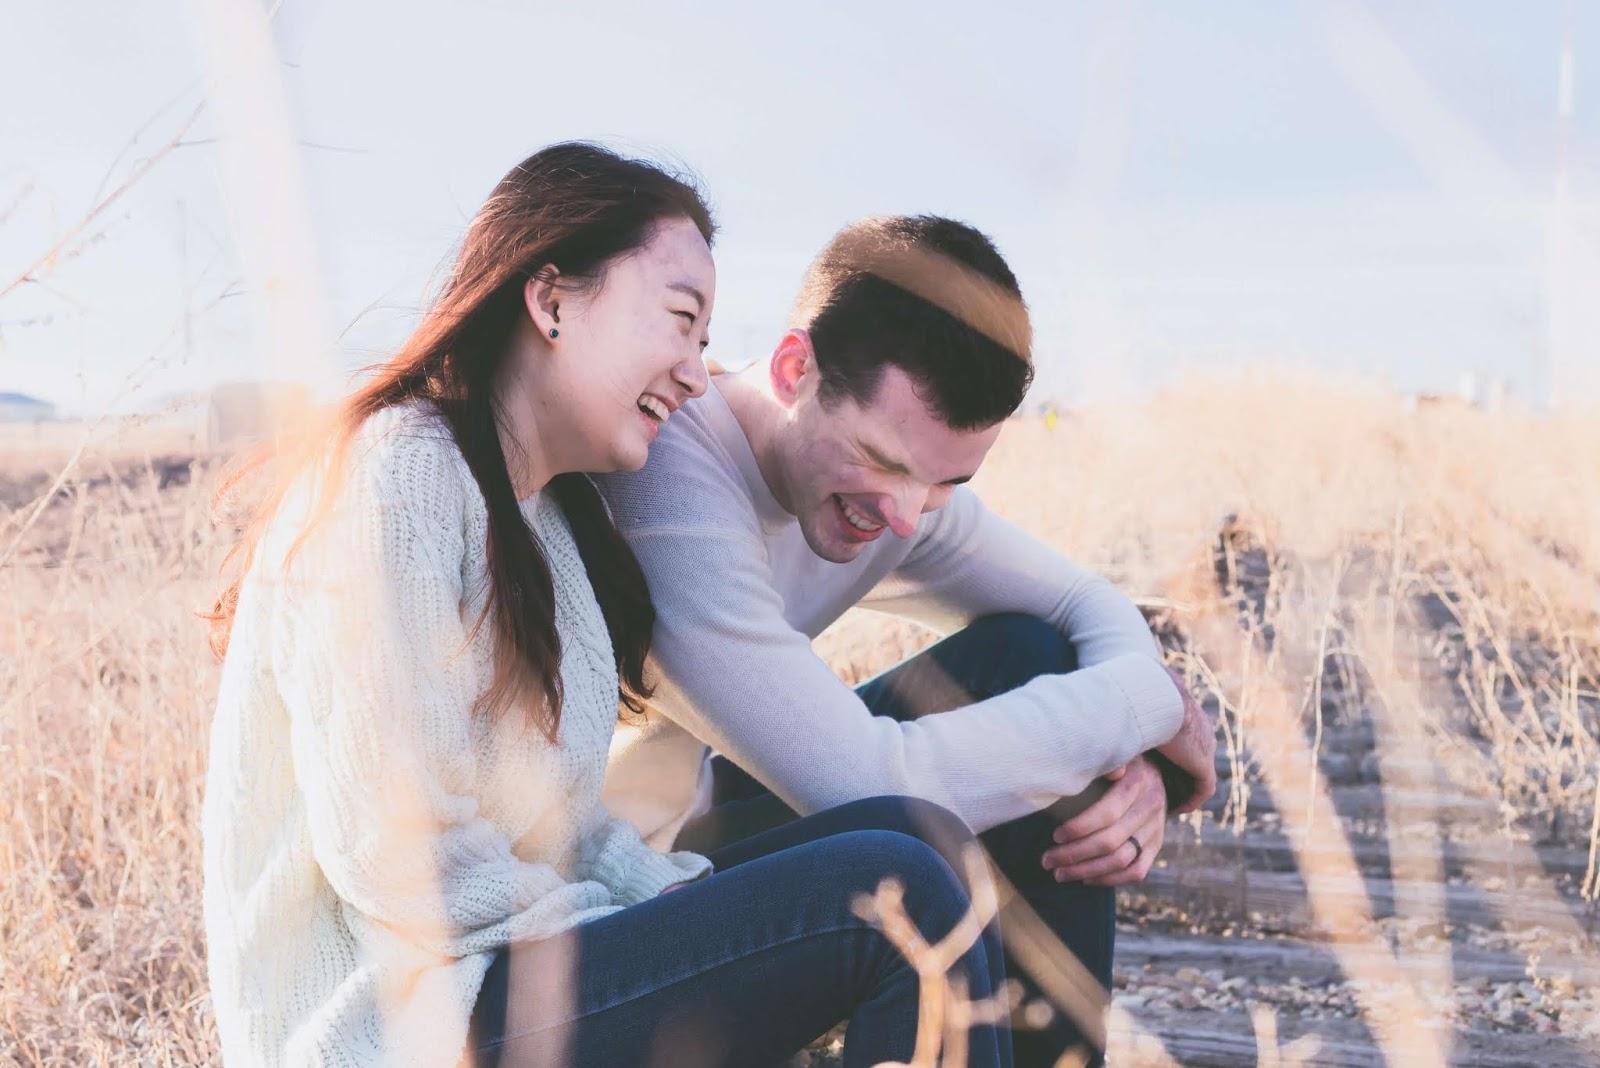 Kenapa Harus Menikah? Inilah 4 Alasan Penting Selain Cinta!